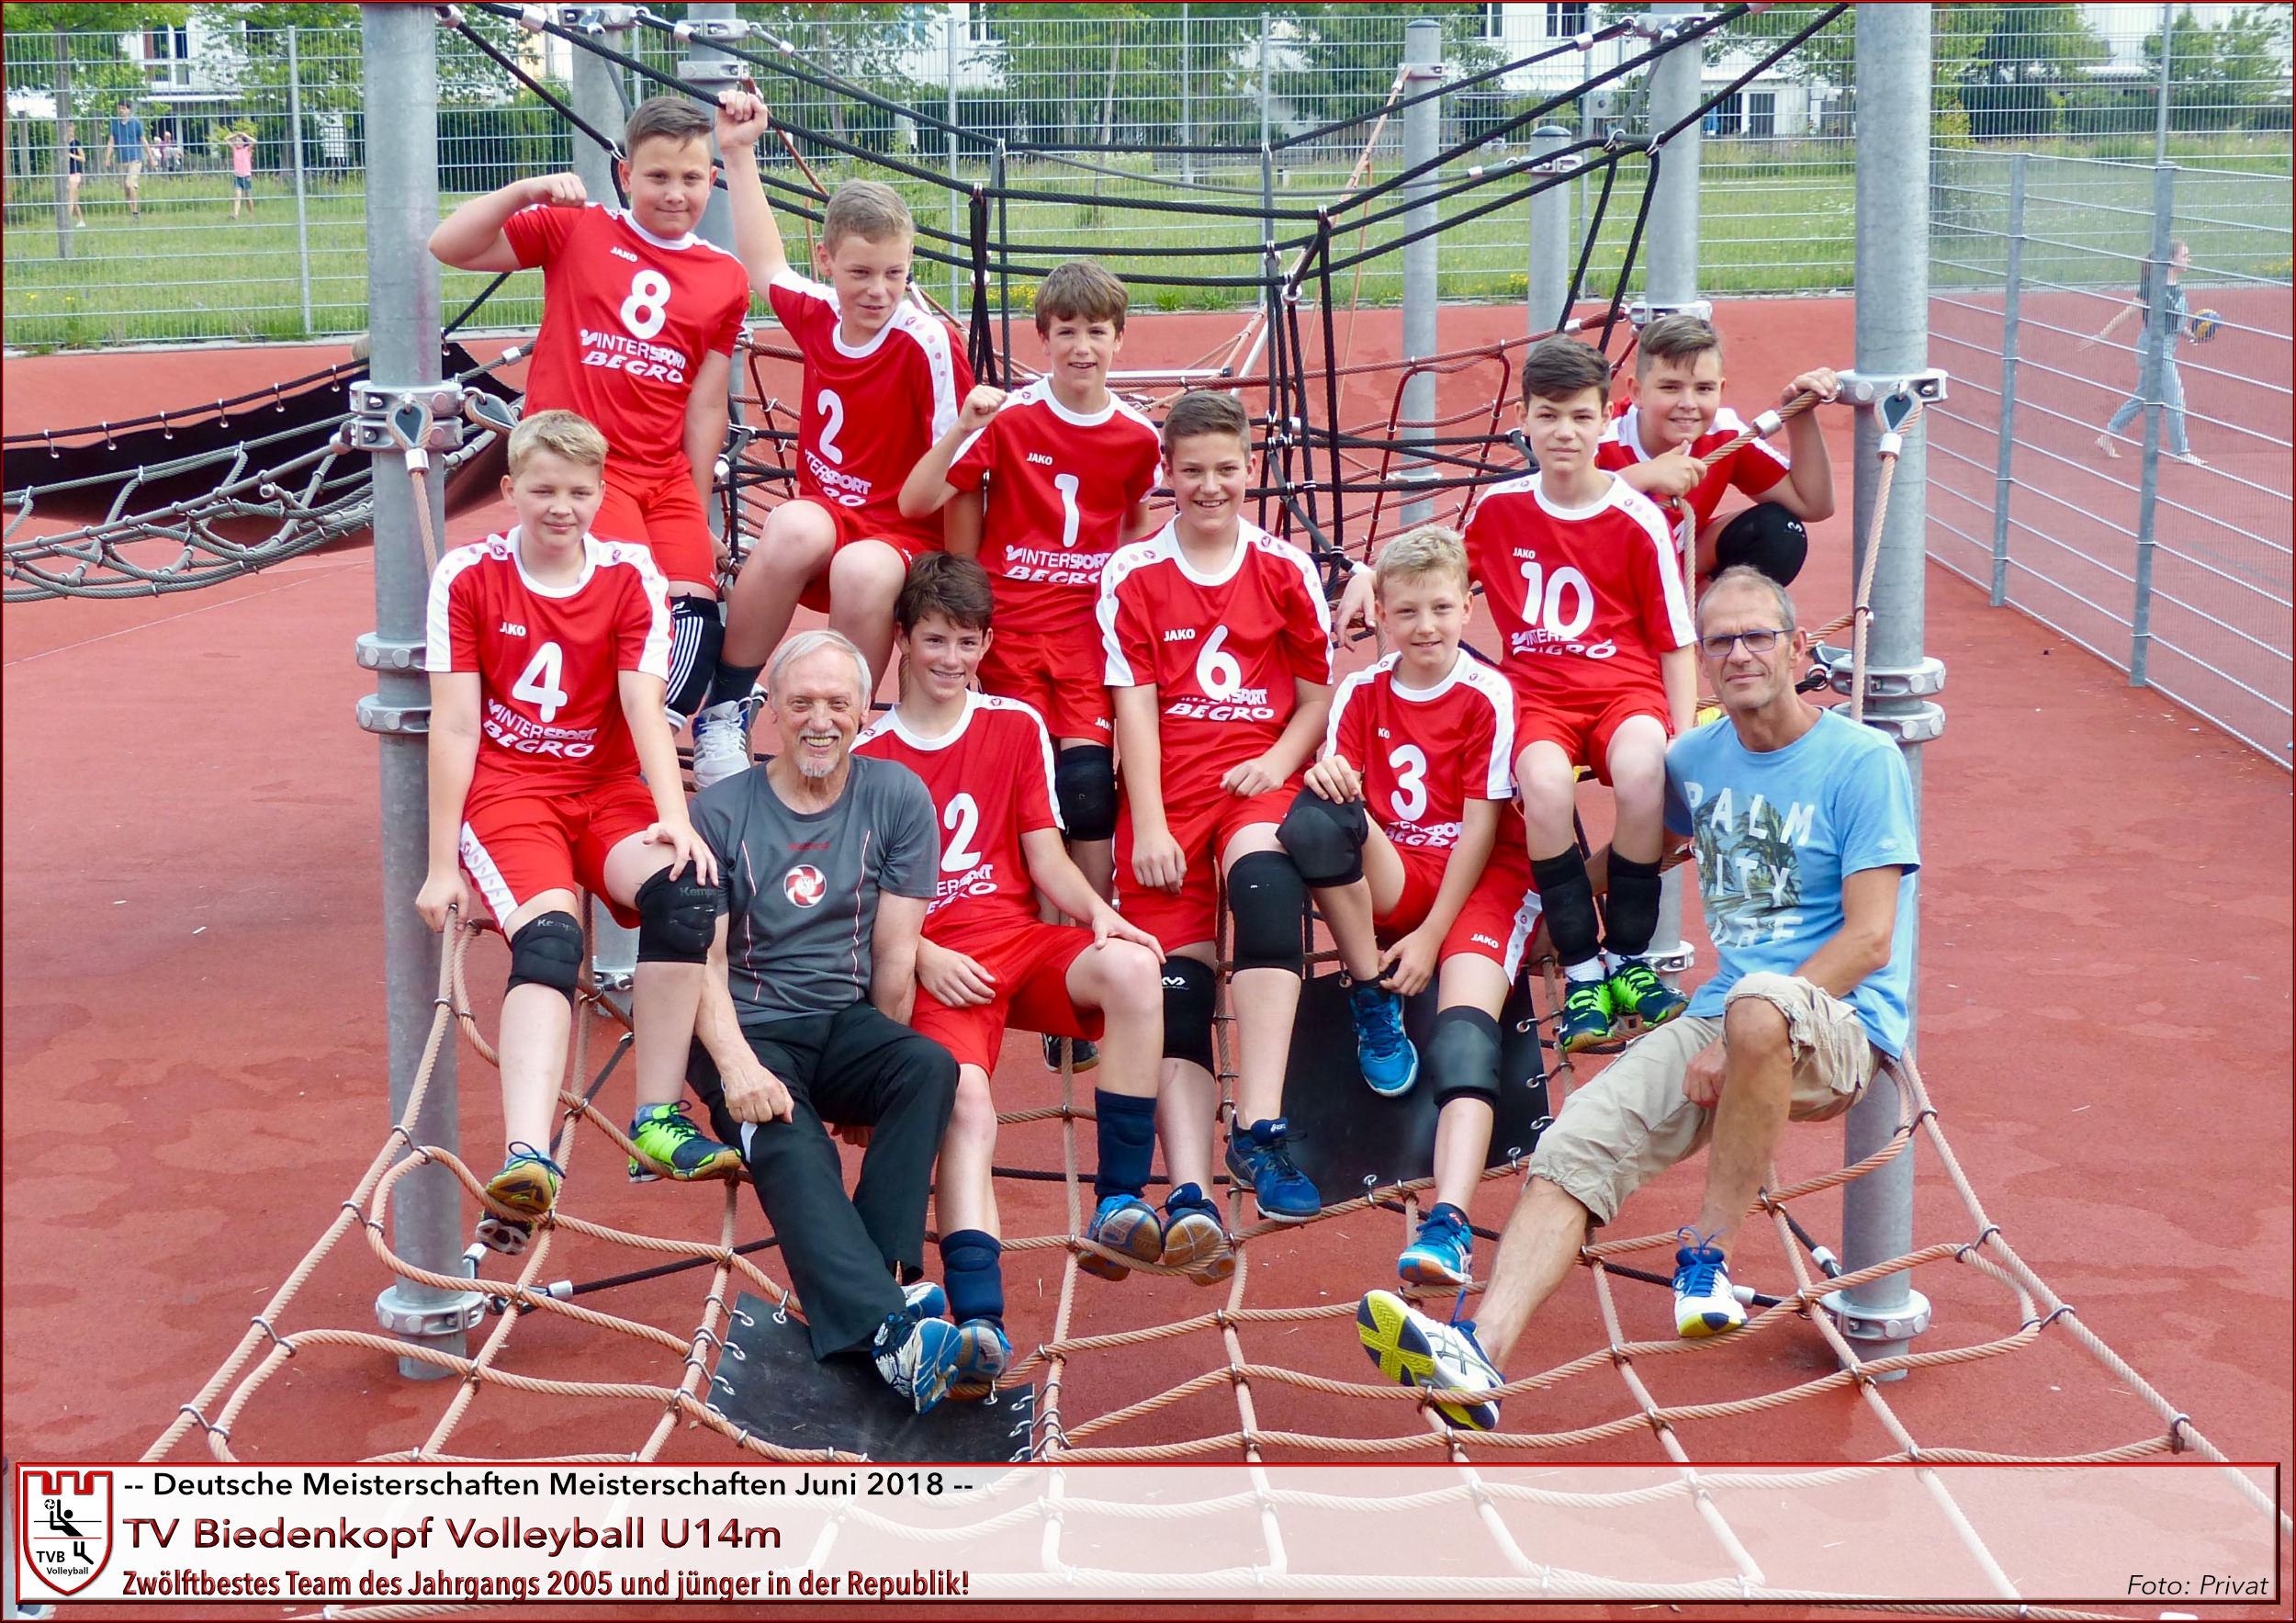 U14m | TV Biedenkopf Volleyball 12. Platz Deutsche Meisterschaften 2018